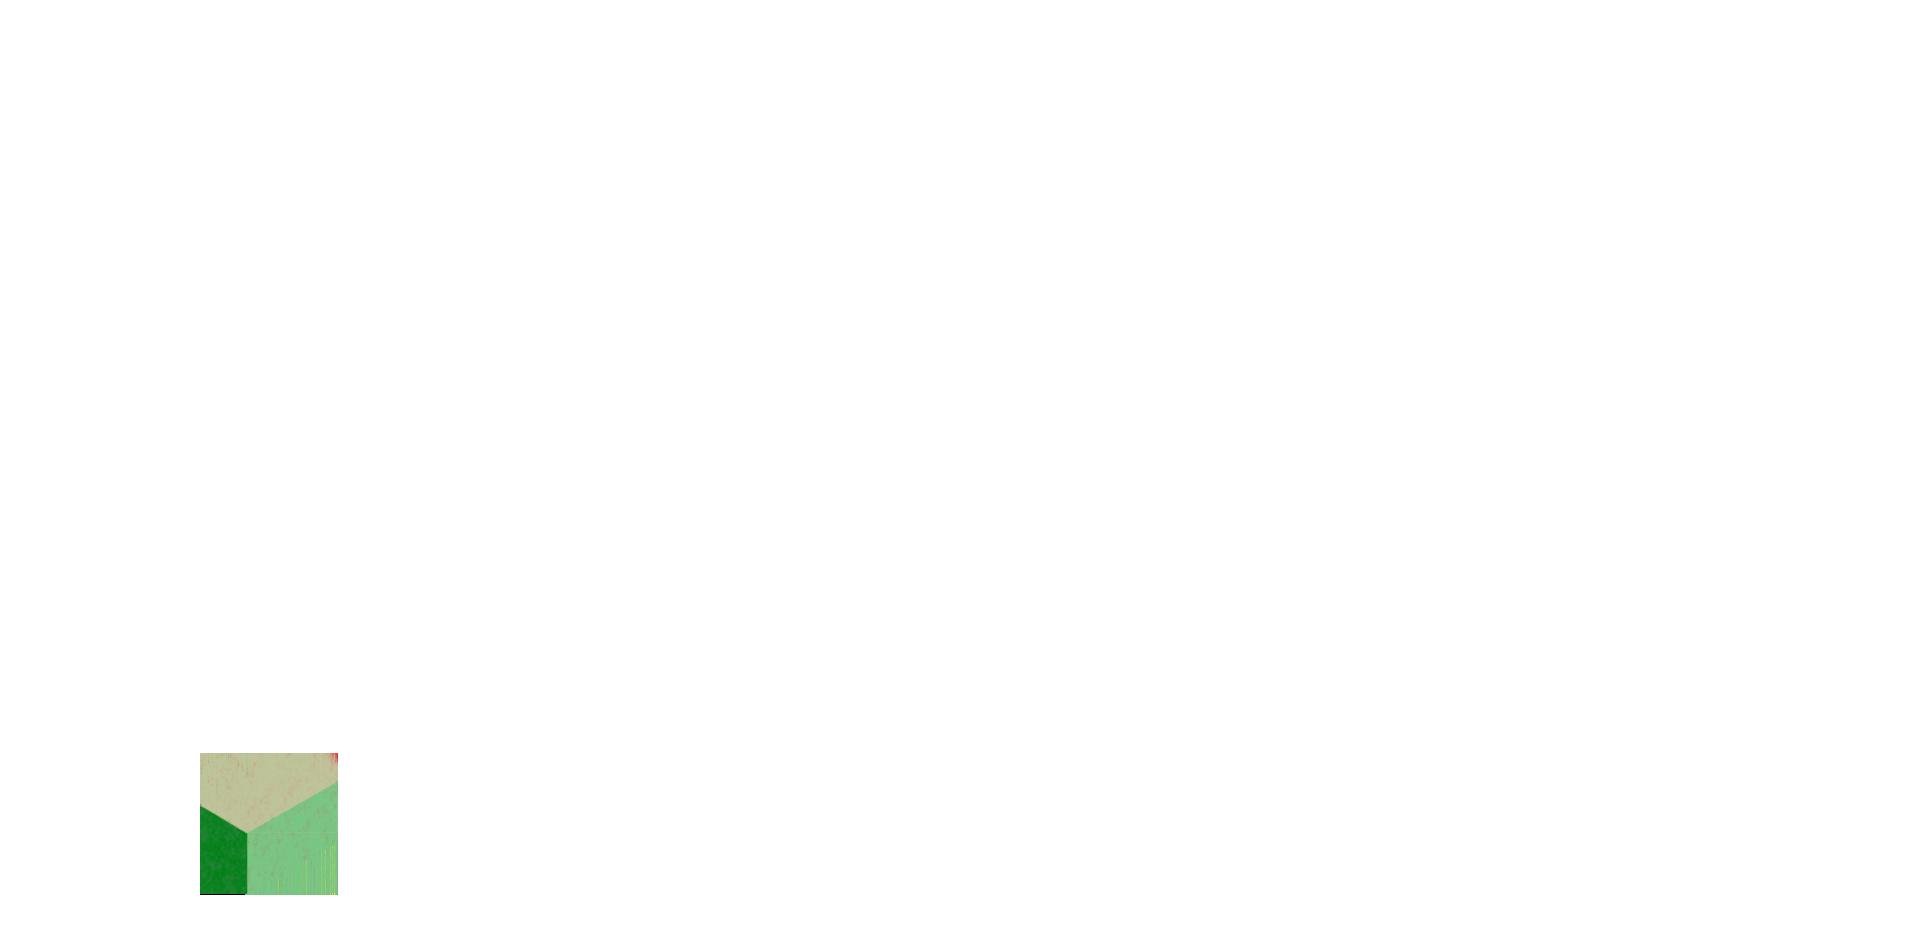 Représentation graphique de la croissance d'une entreprise conseillé par la briqueterie